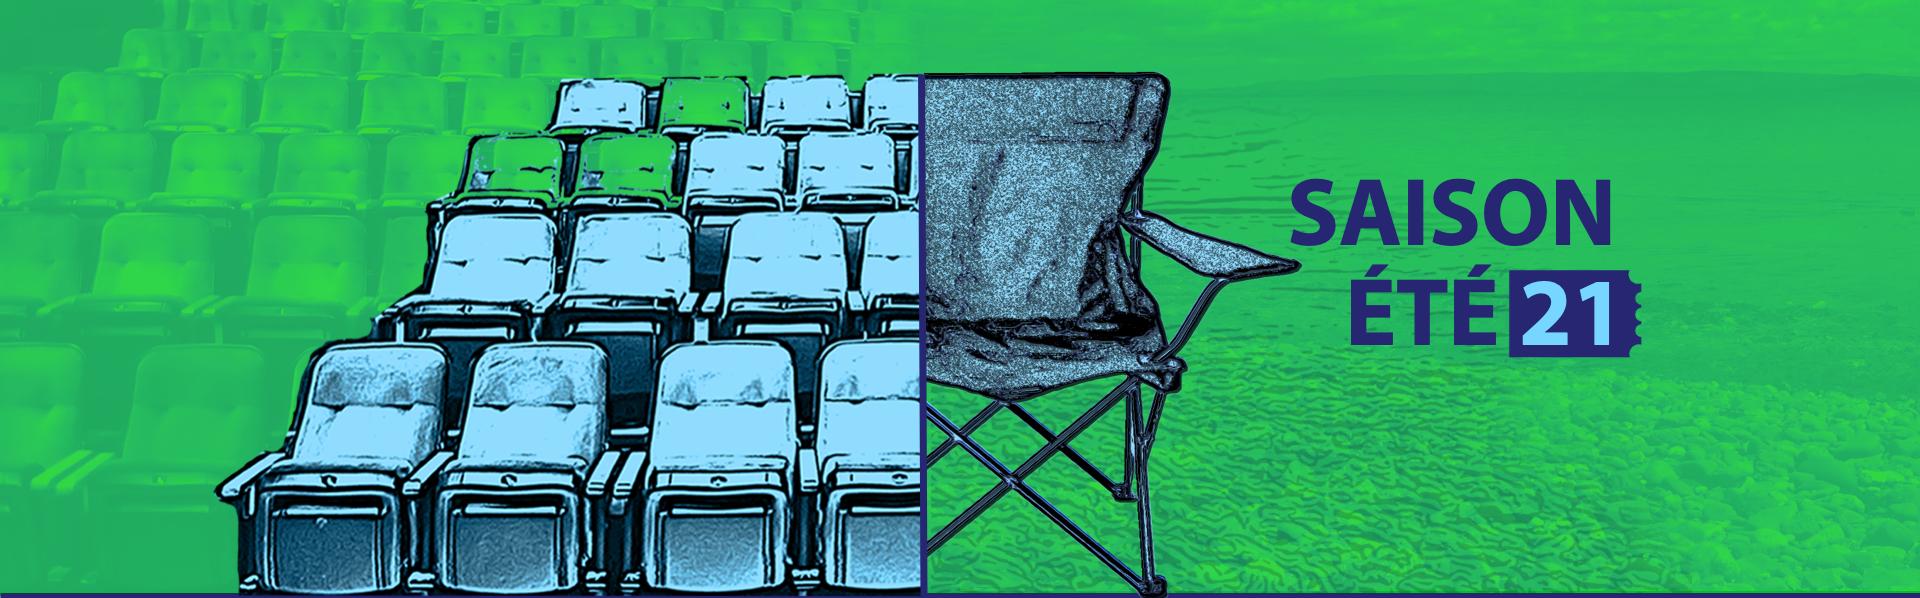 SAISON ESTIVALE 2021 : Réservez votre siège ou apportez votre chaise!